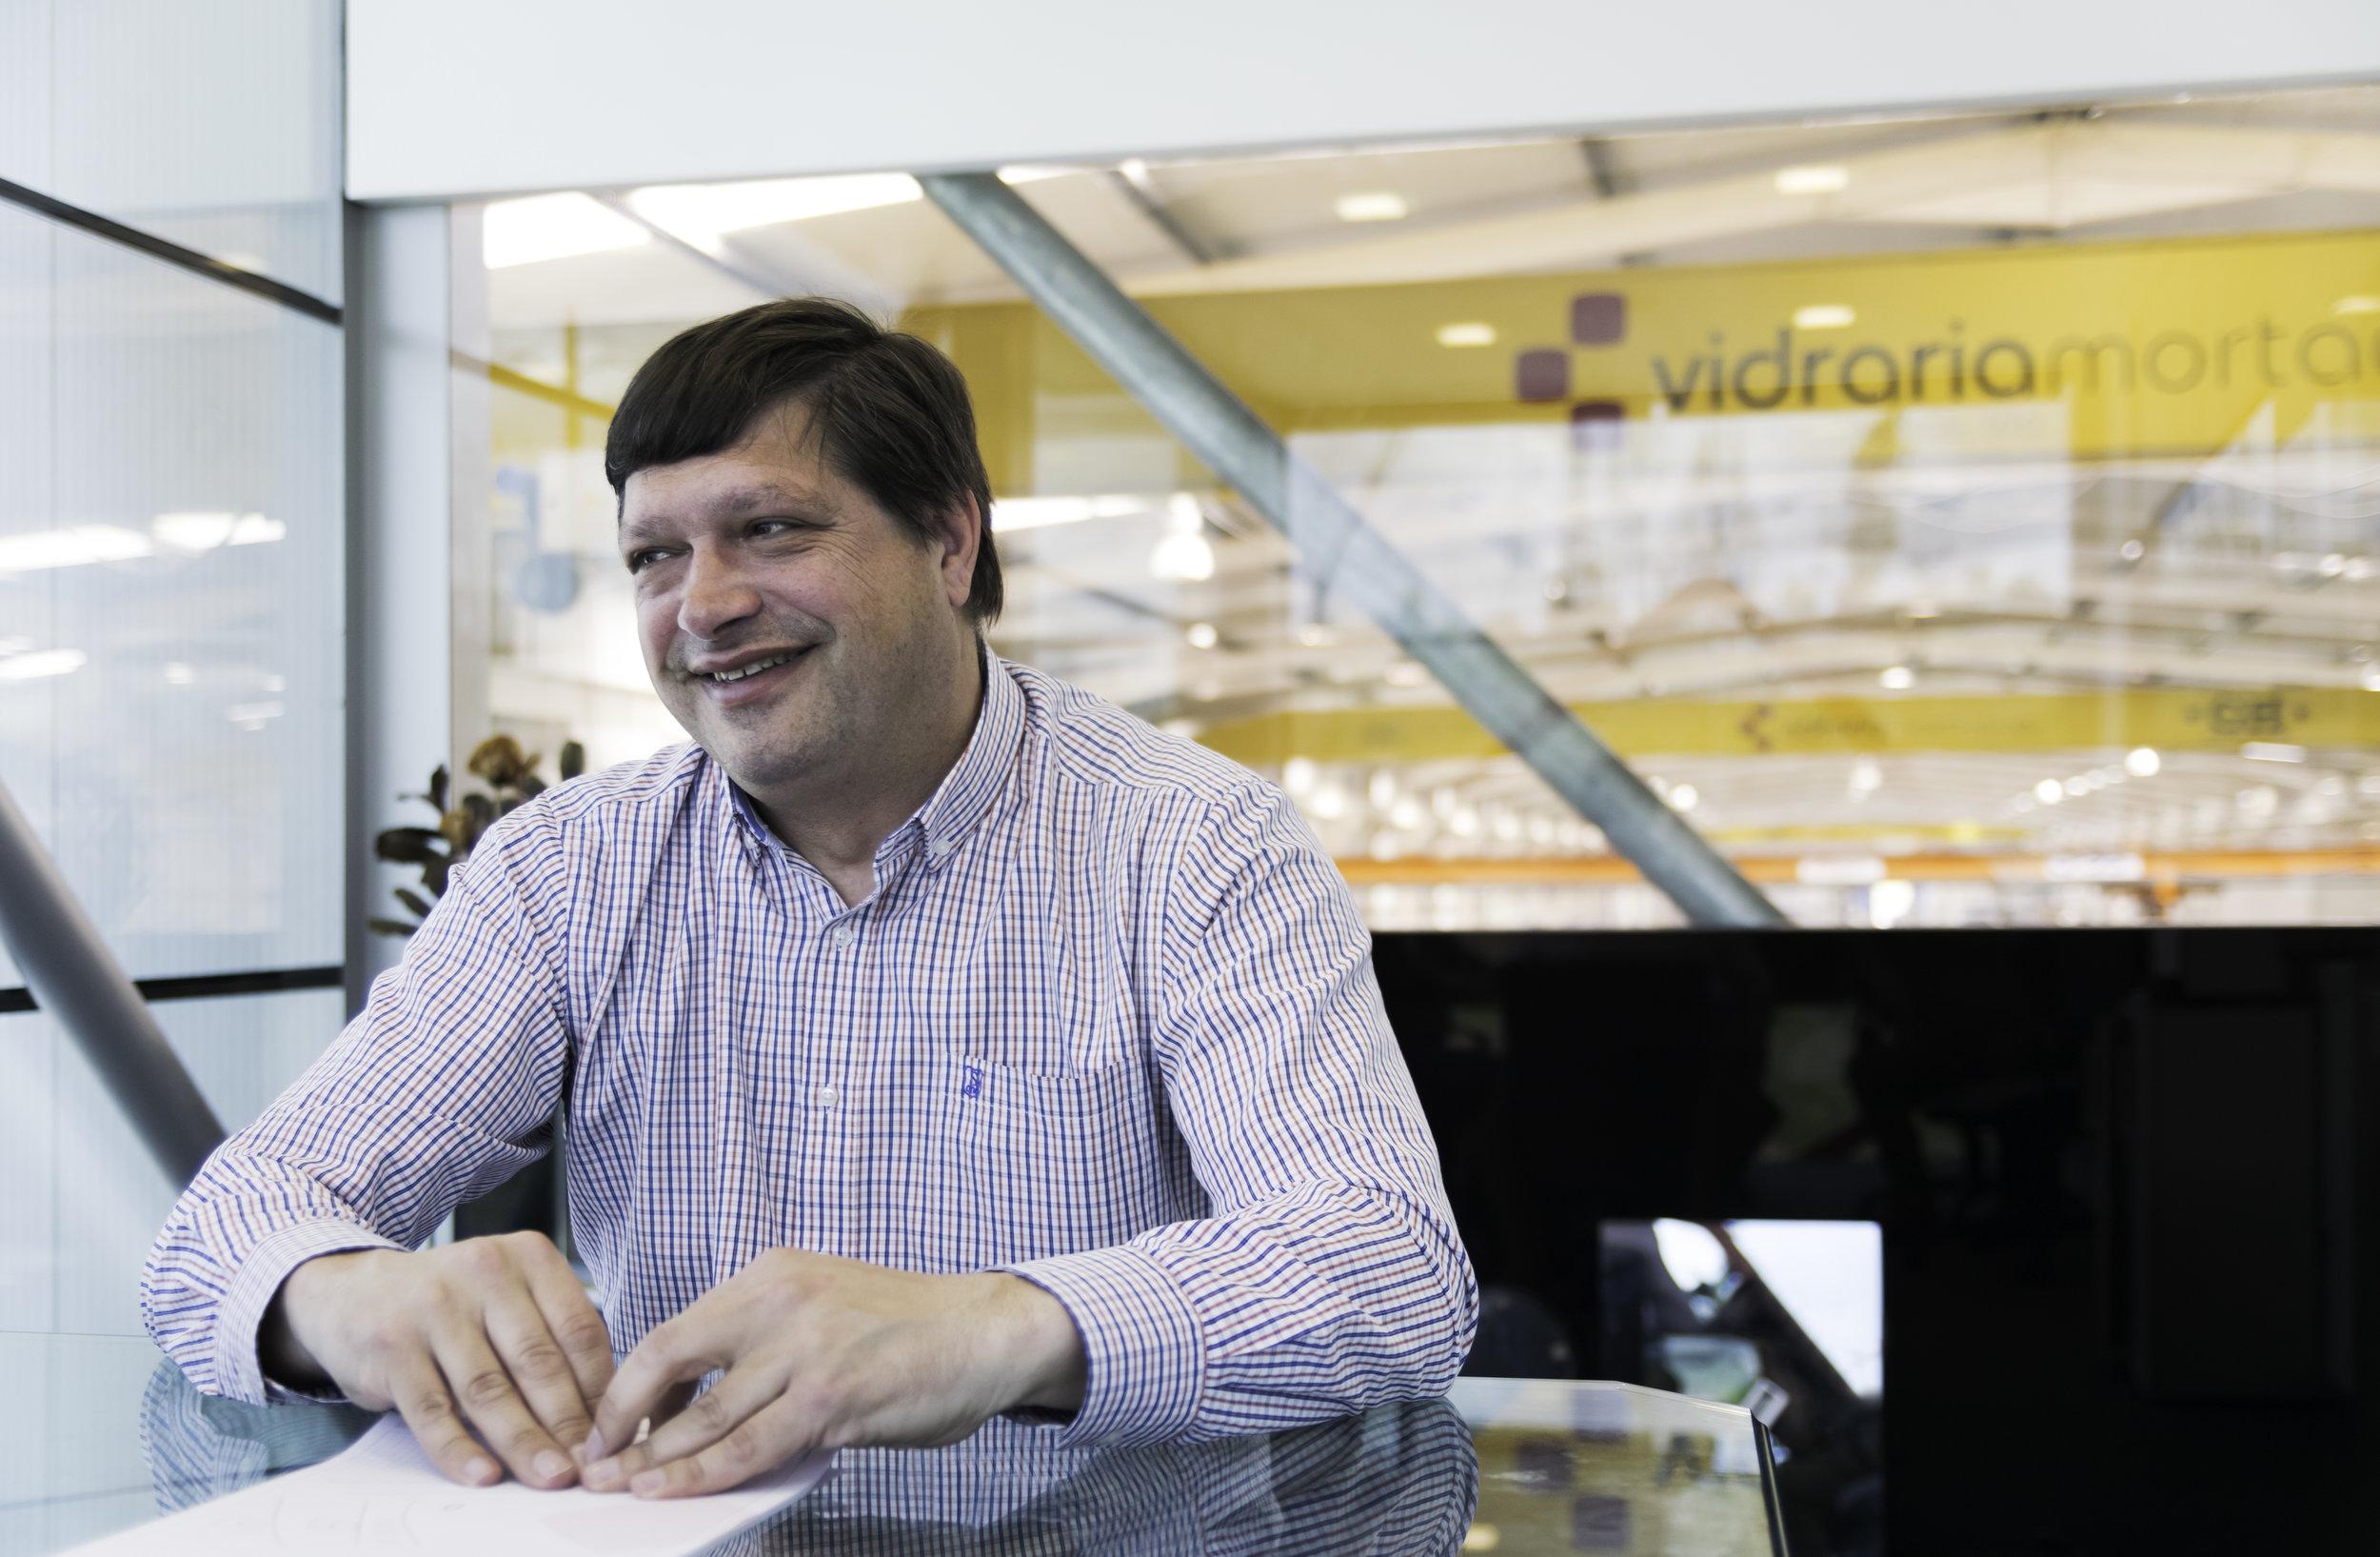 Josè Pires, CFO of VIdraria Mortagua